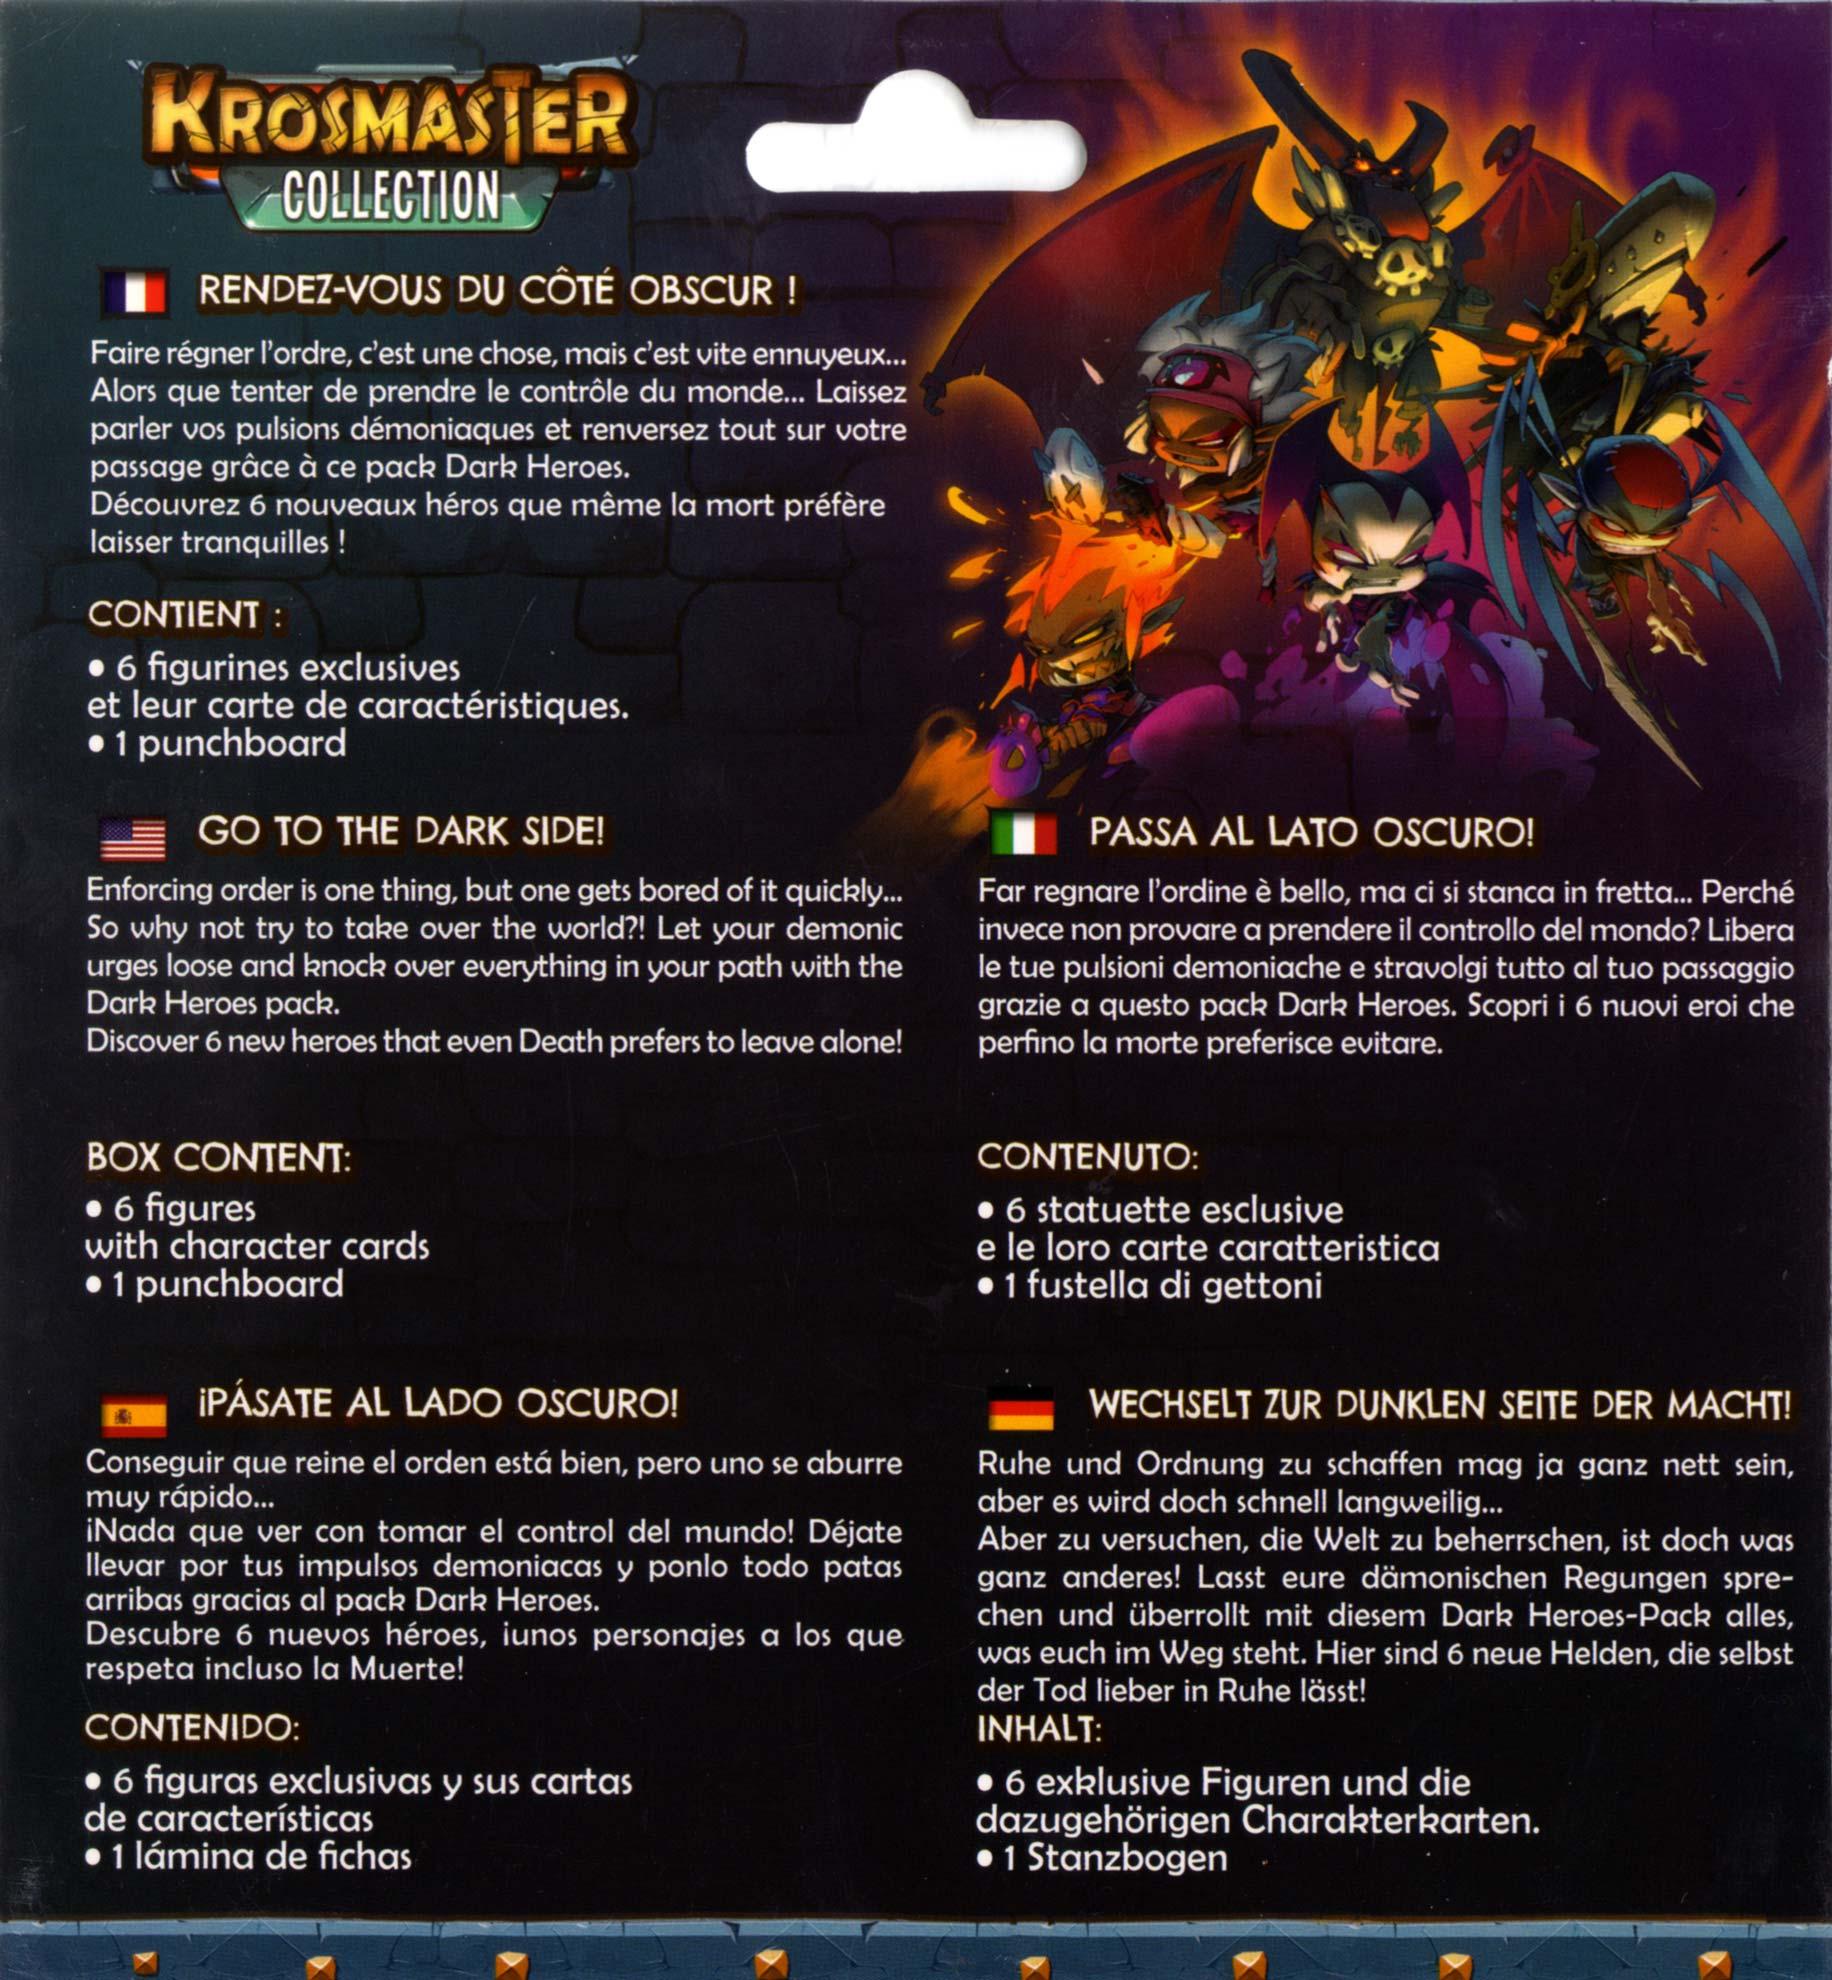 Dark Heroes Krosmaster packaging dos